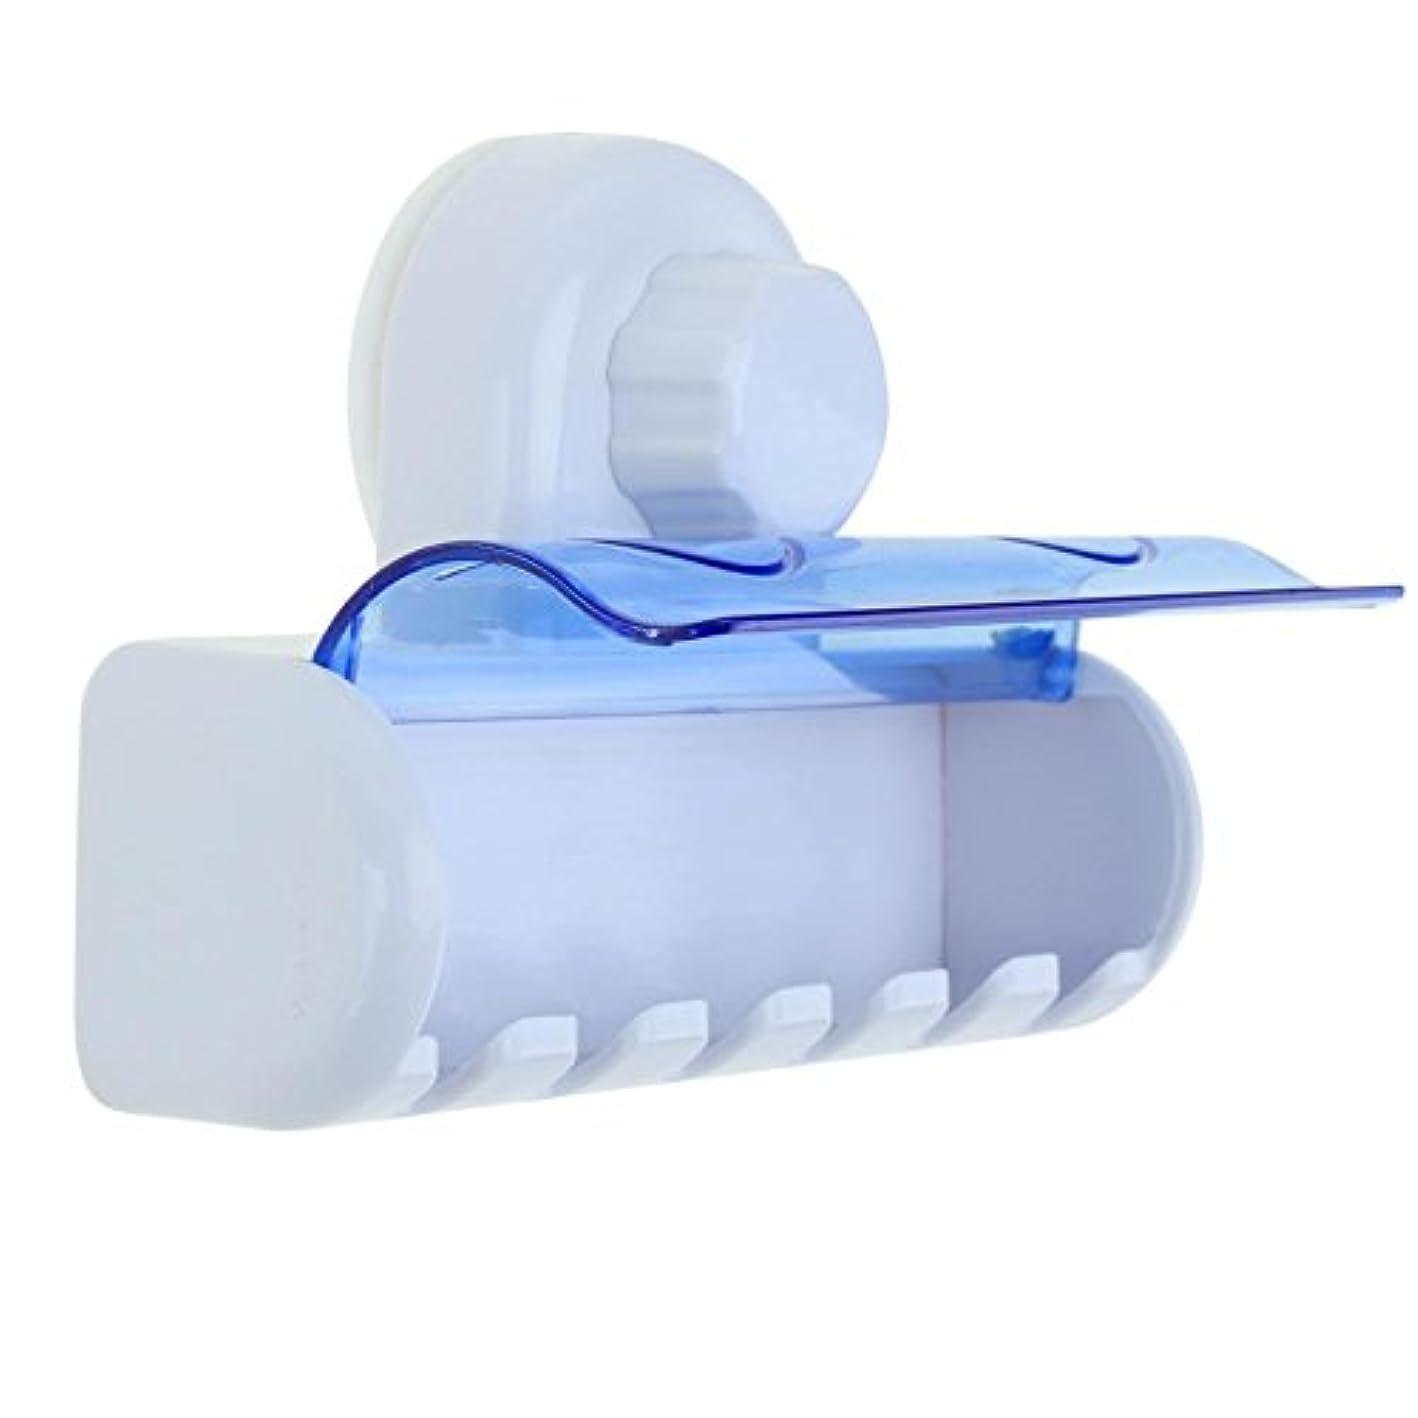 ペストアプローチ昇進Demiawaking 強力吸盤付き ハブラシラック 歯ブラシ6本収納対応 取り付け簡単 壁掛け ハブラシホルダー